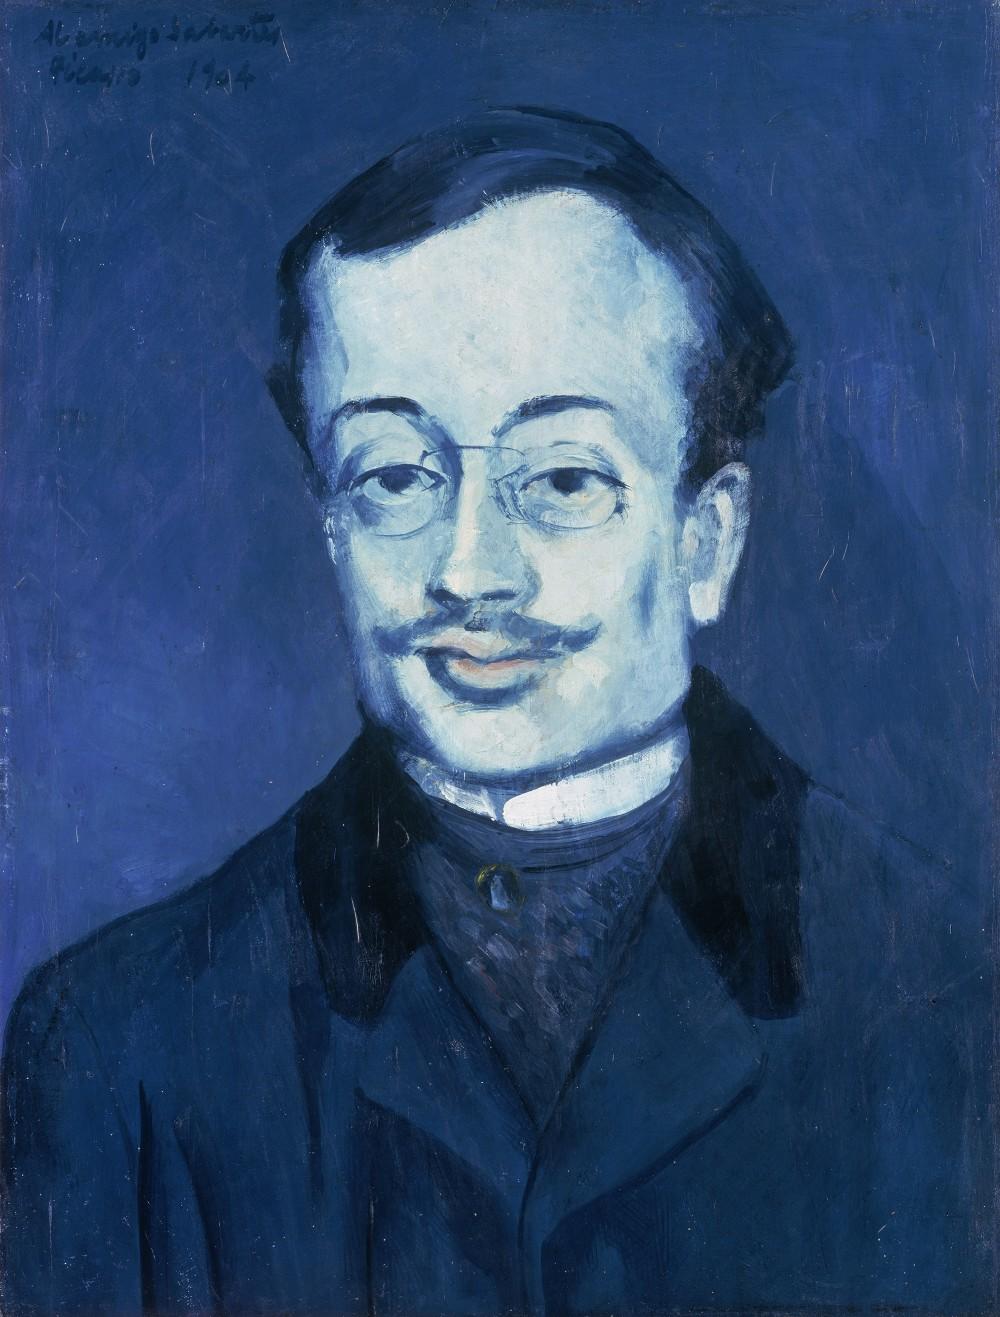 Artist: Pablo Picasso Portraits